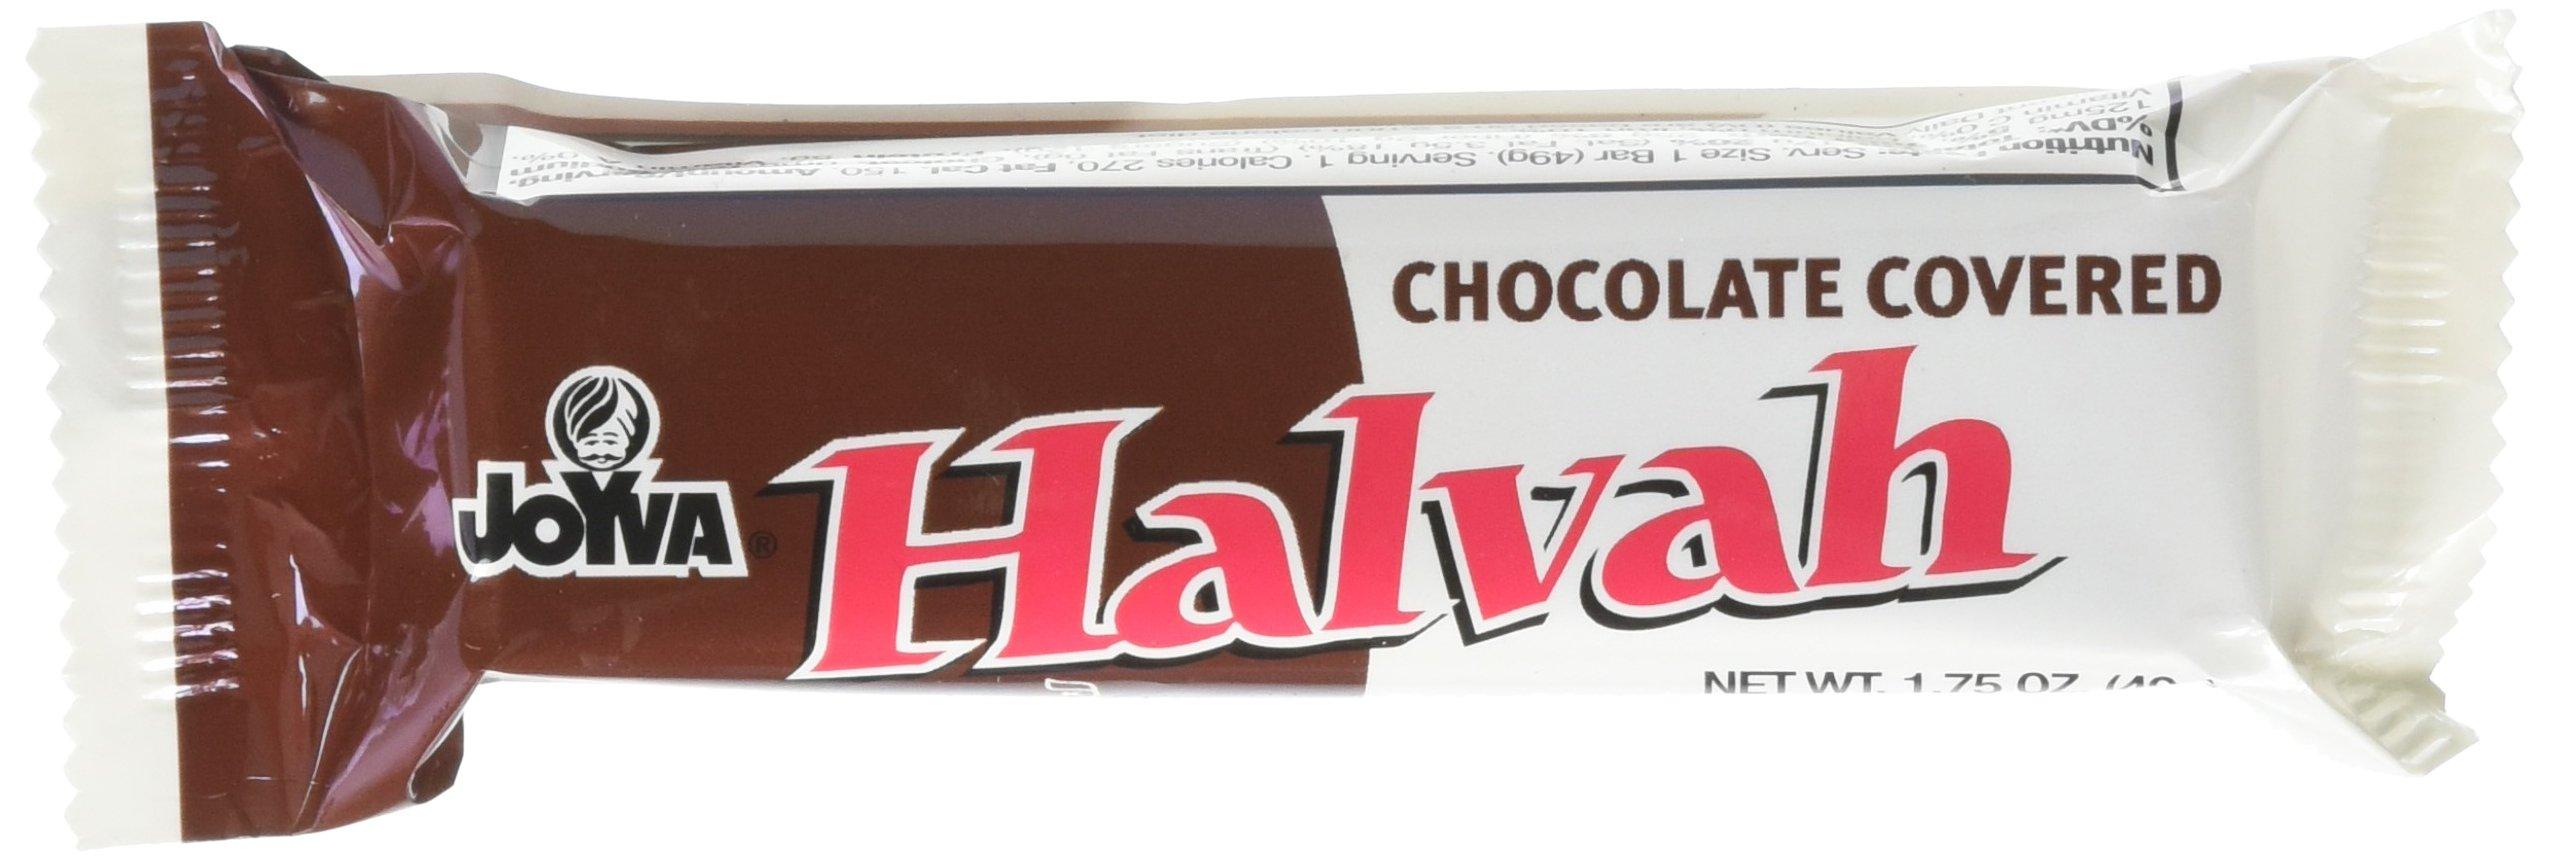 Joyva Chocolate Covered Halvah Bars, 1.75 Ounce,(36 count) by Joyva